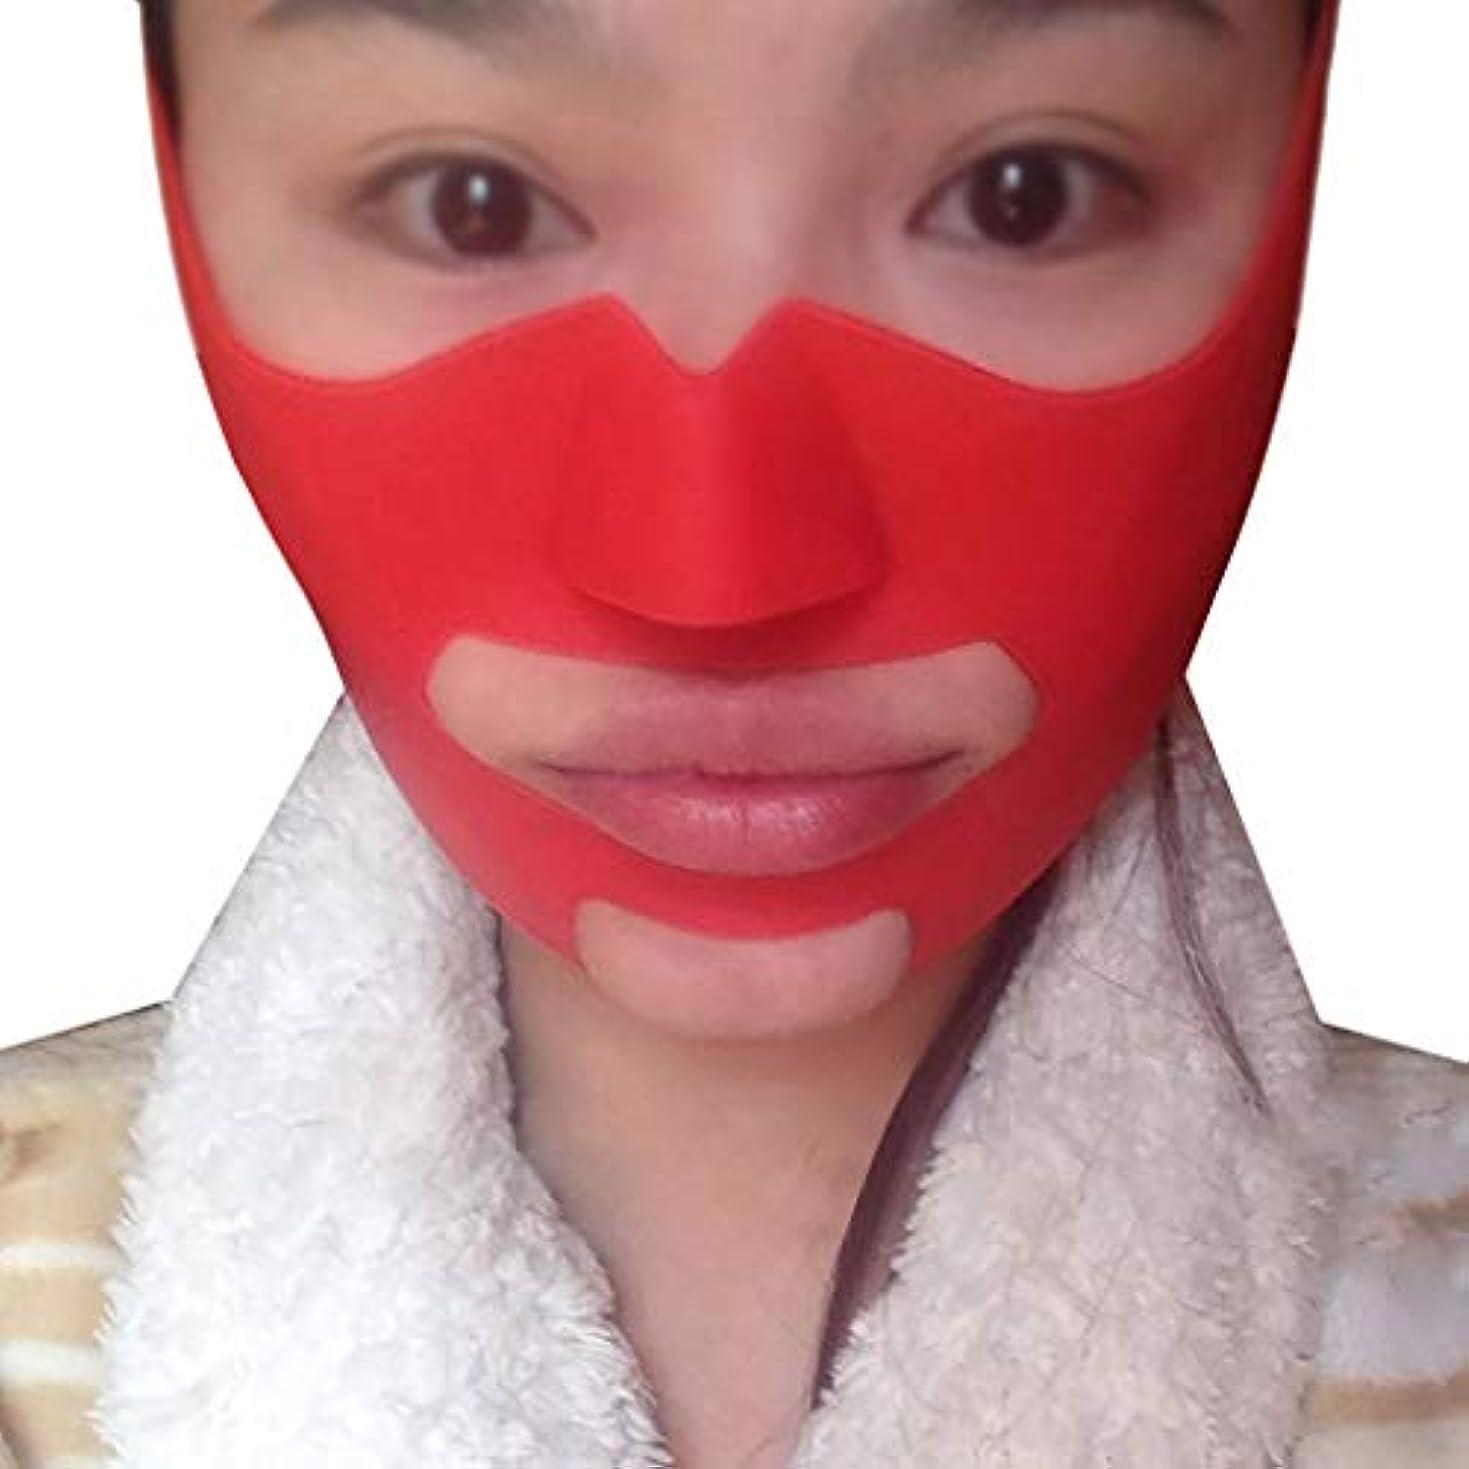 果てしない媒染剤安全なGLJJQMY 薄いフェイスマスクシリコーンVマスクマスク強い痩身咬合筋肉トレーナーアップル筋肉法令パターンアーティファクト小さなVフェイス包帯薄いフェイスネックリフト 顔用整形マスク